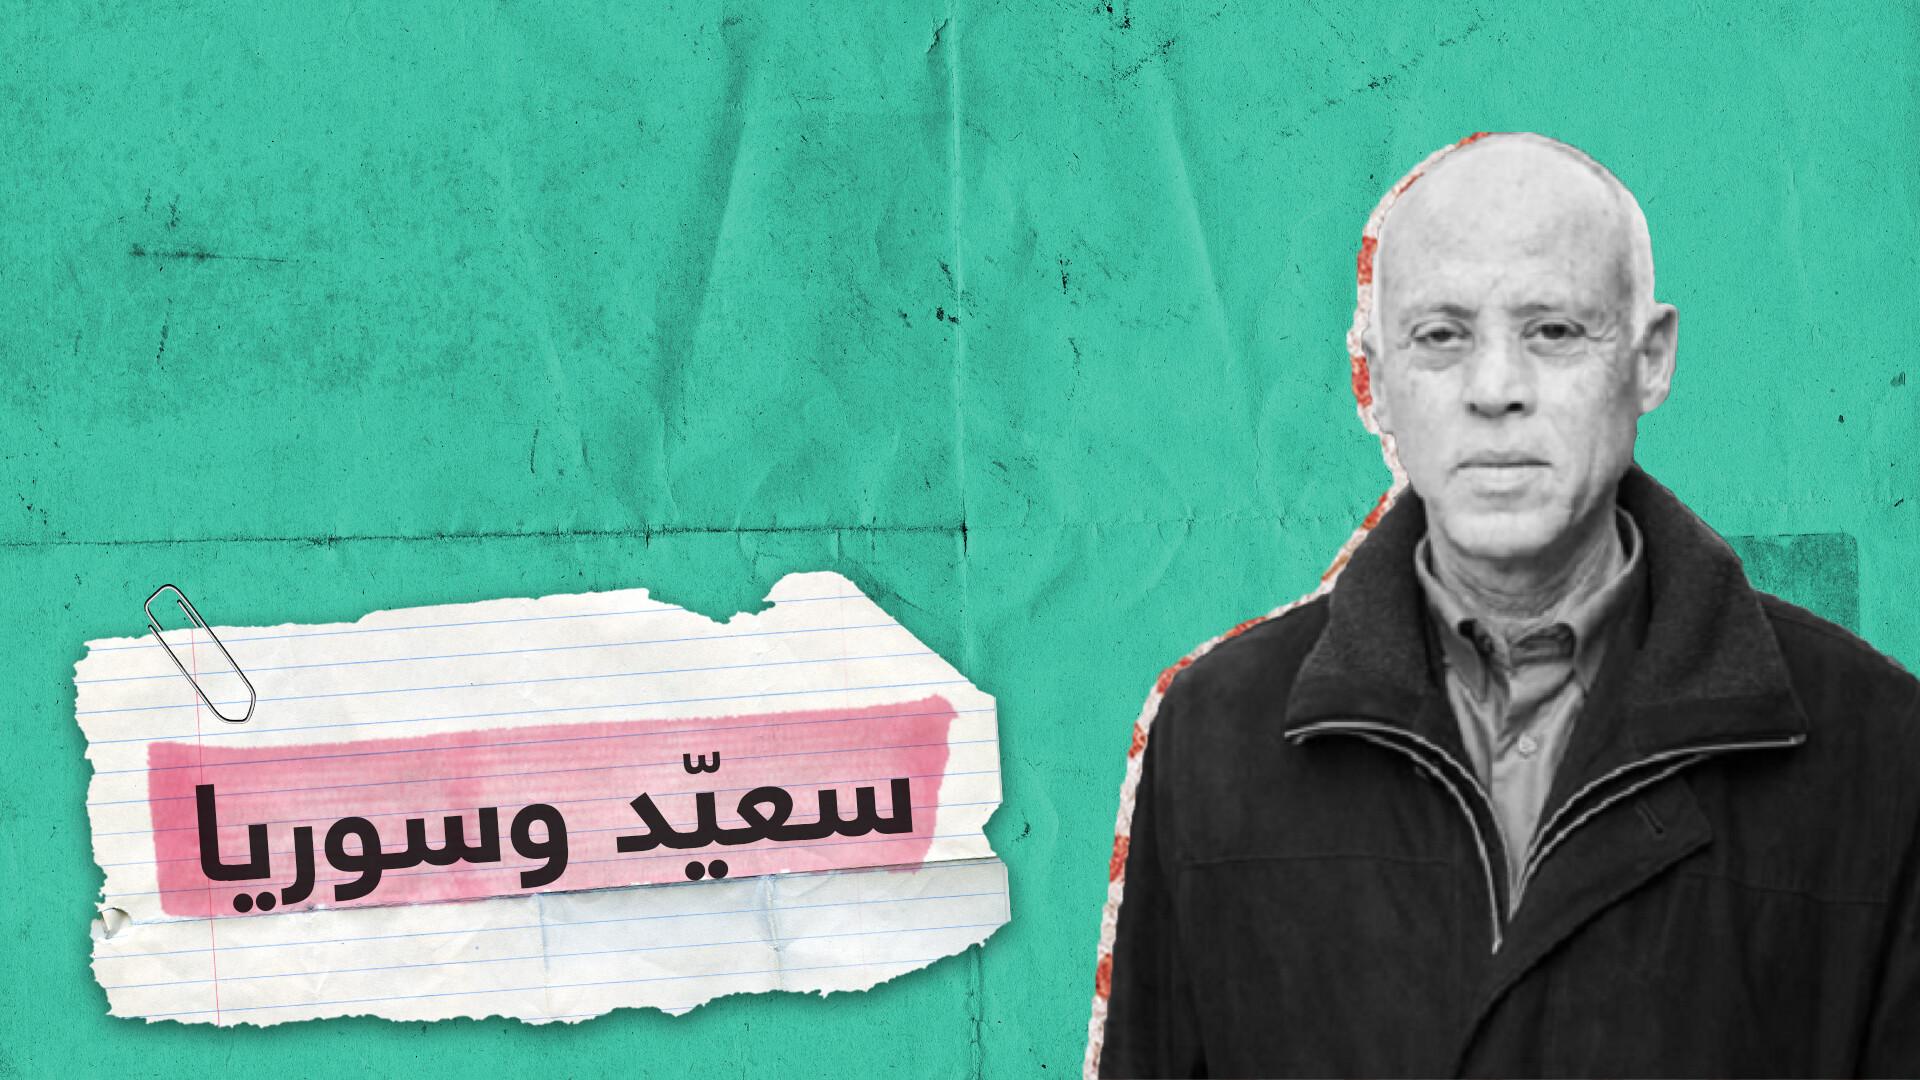 قيس سعيد: التدخل الأجنبي في سوريا كان هدفه إسقاط الدولة